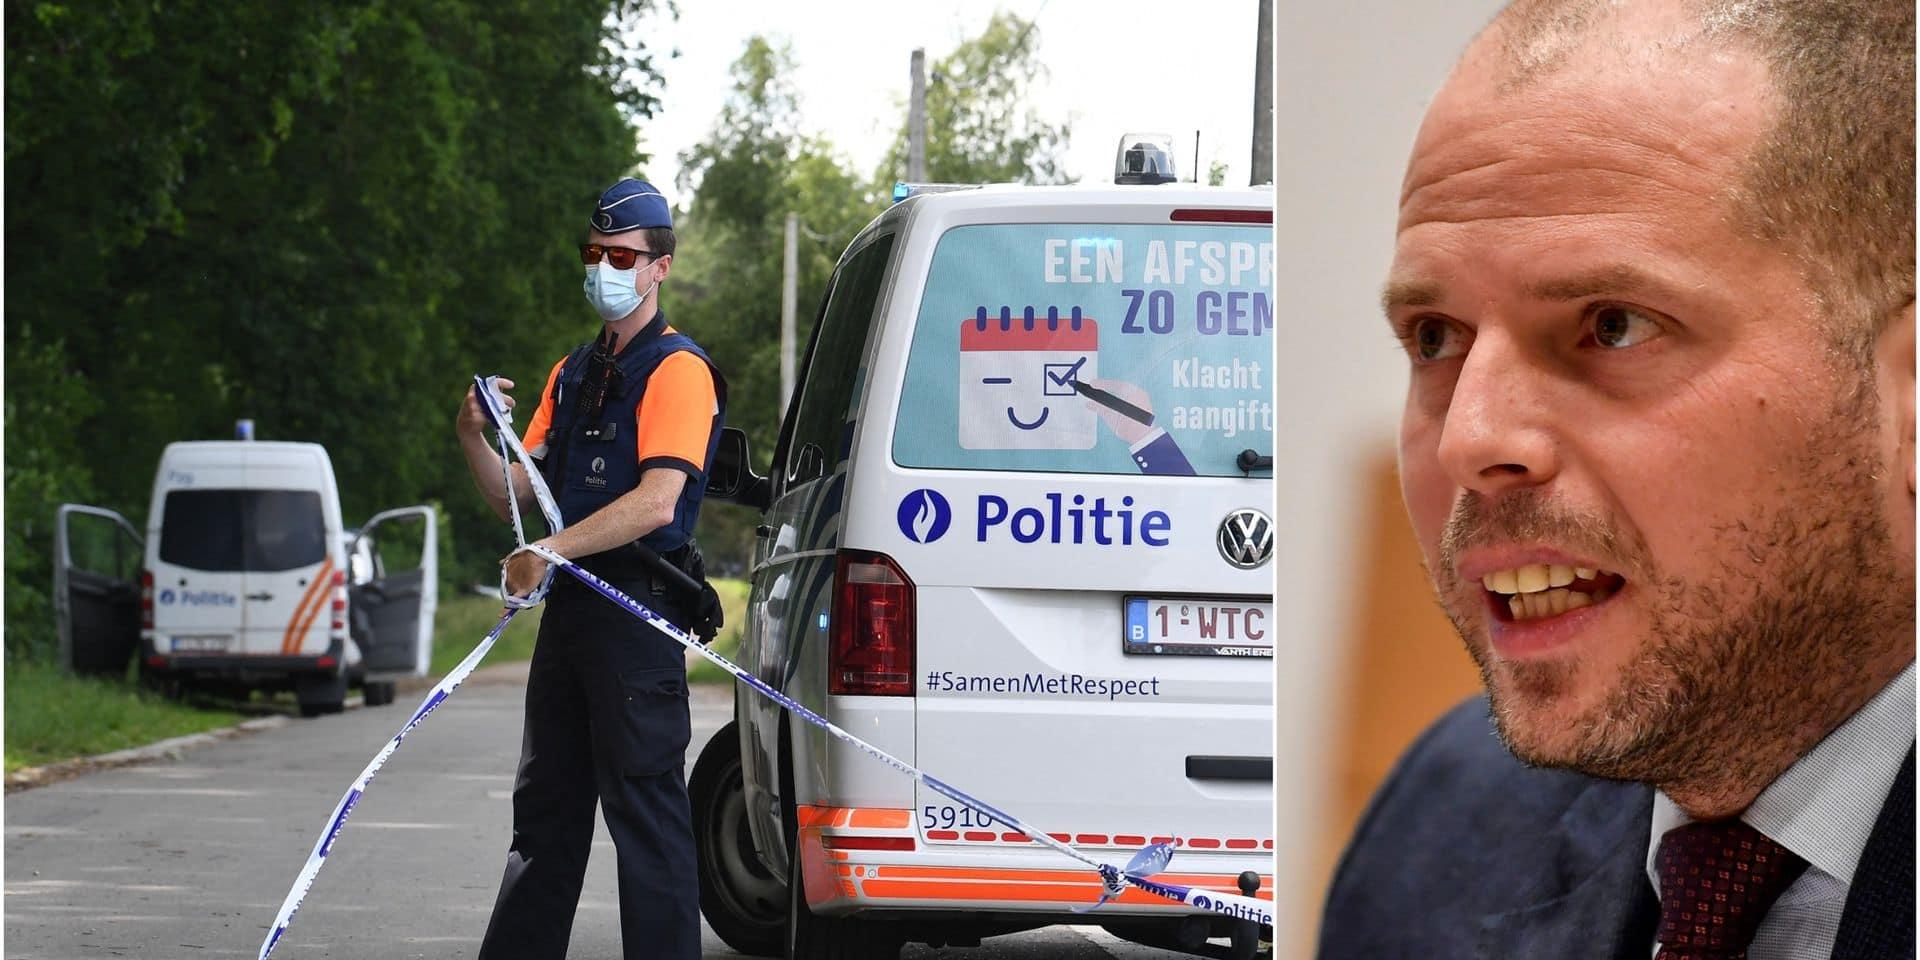 """""""Je ne crois pas qu'il se soit suicidé"""", """"Les politiciens doivent tirer une leçon de cette histoire"""" : les réactions se multiplient après la découverte du corps de Jürgen Conings"""